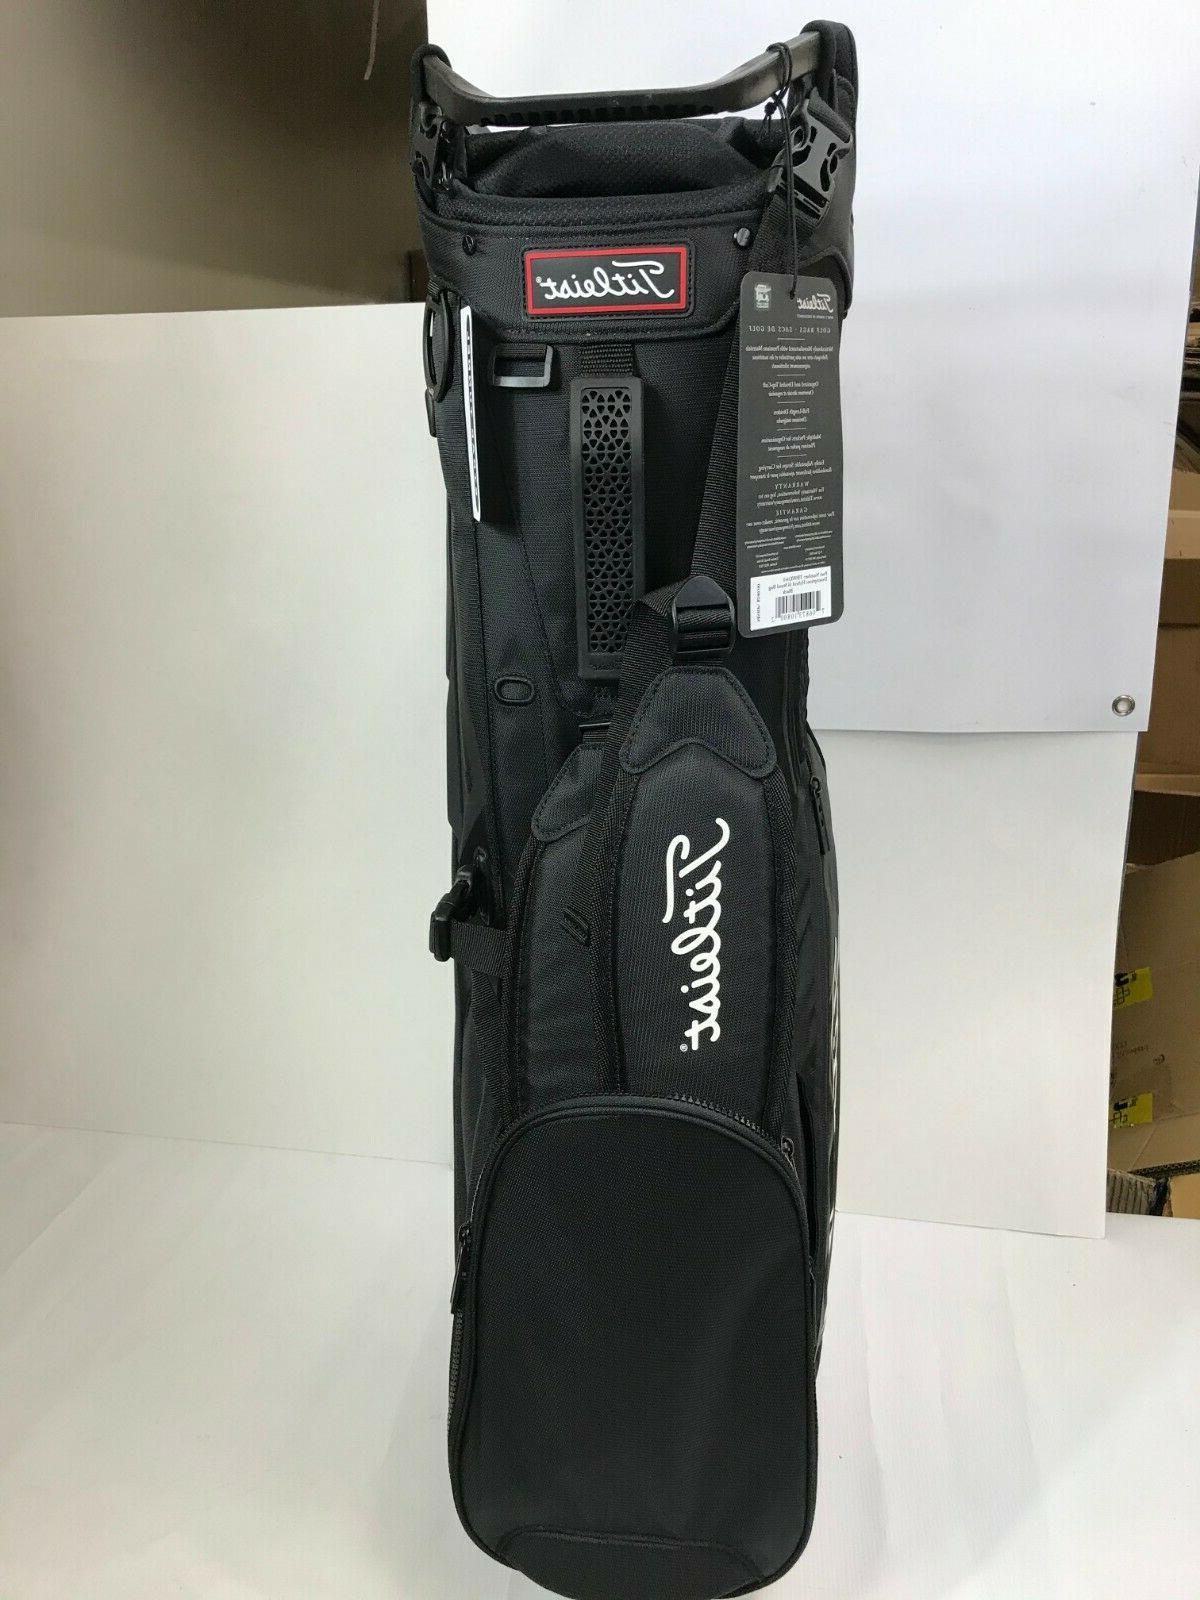 NEW WAY TB9SX14-0 BLACK COLOR